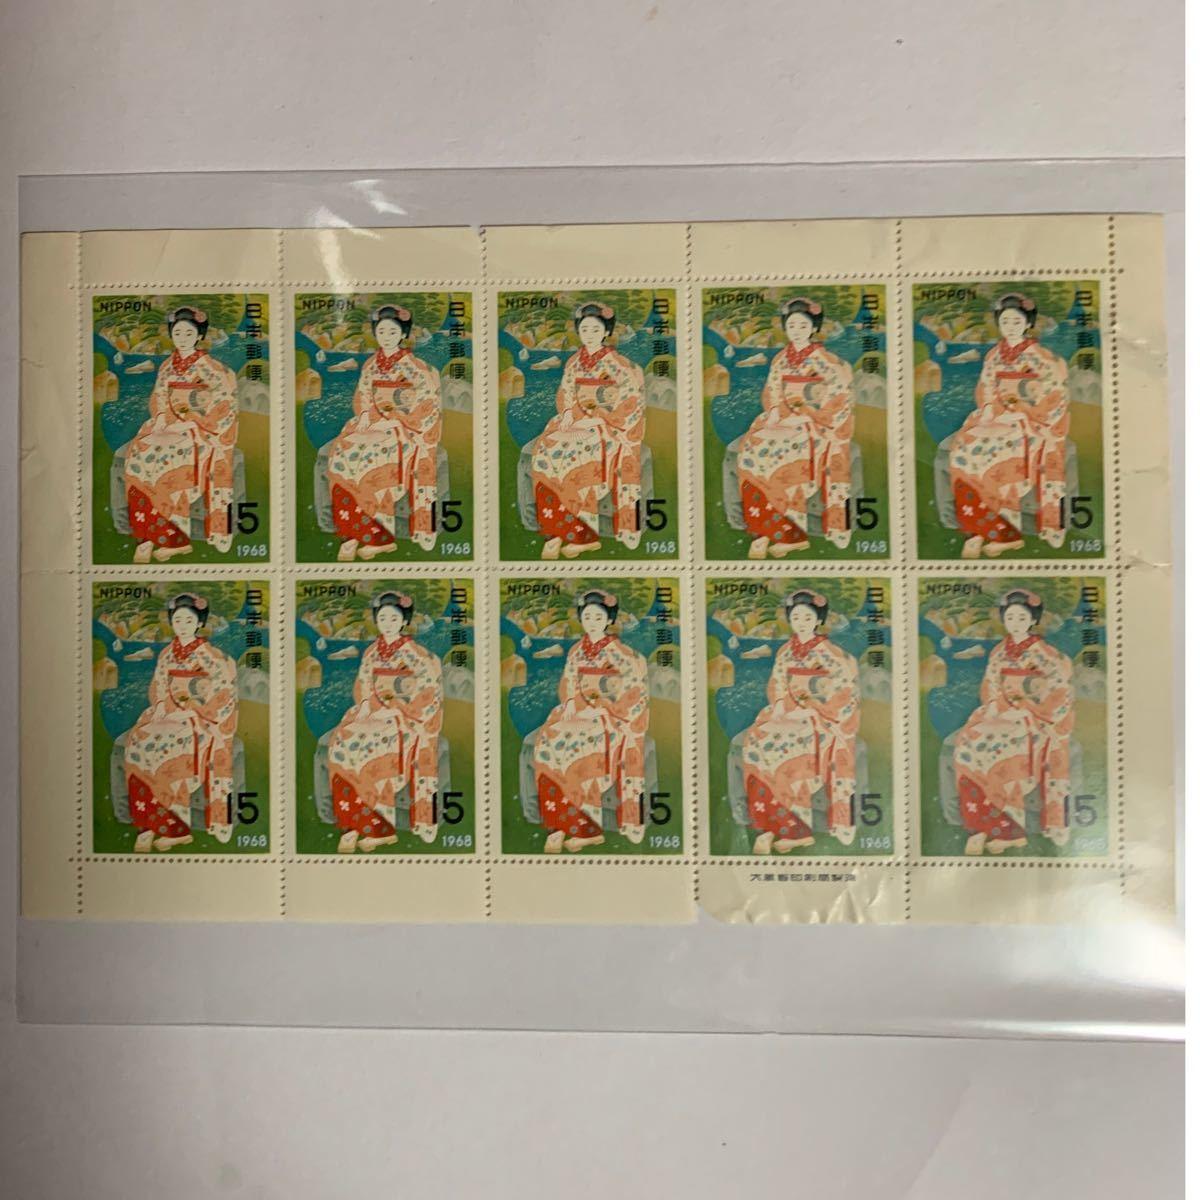 切手趣味週間 切手 切手シート 日本切手 初日カバー付き 001